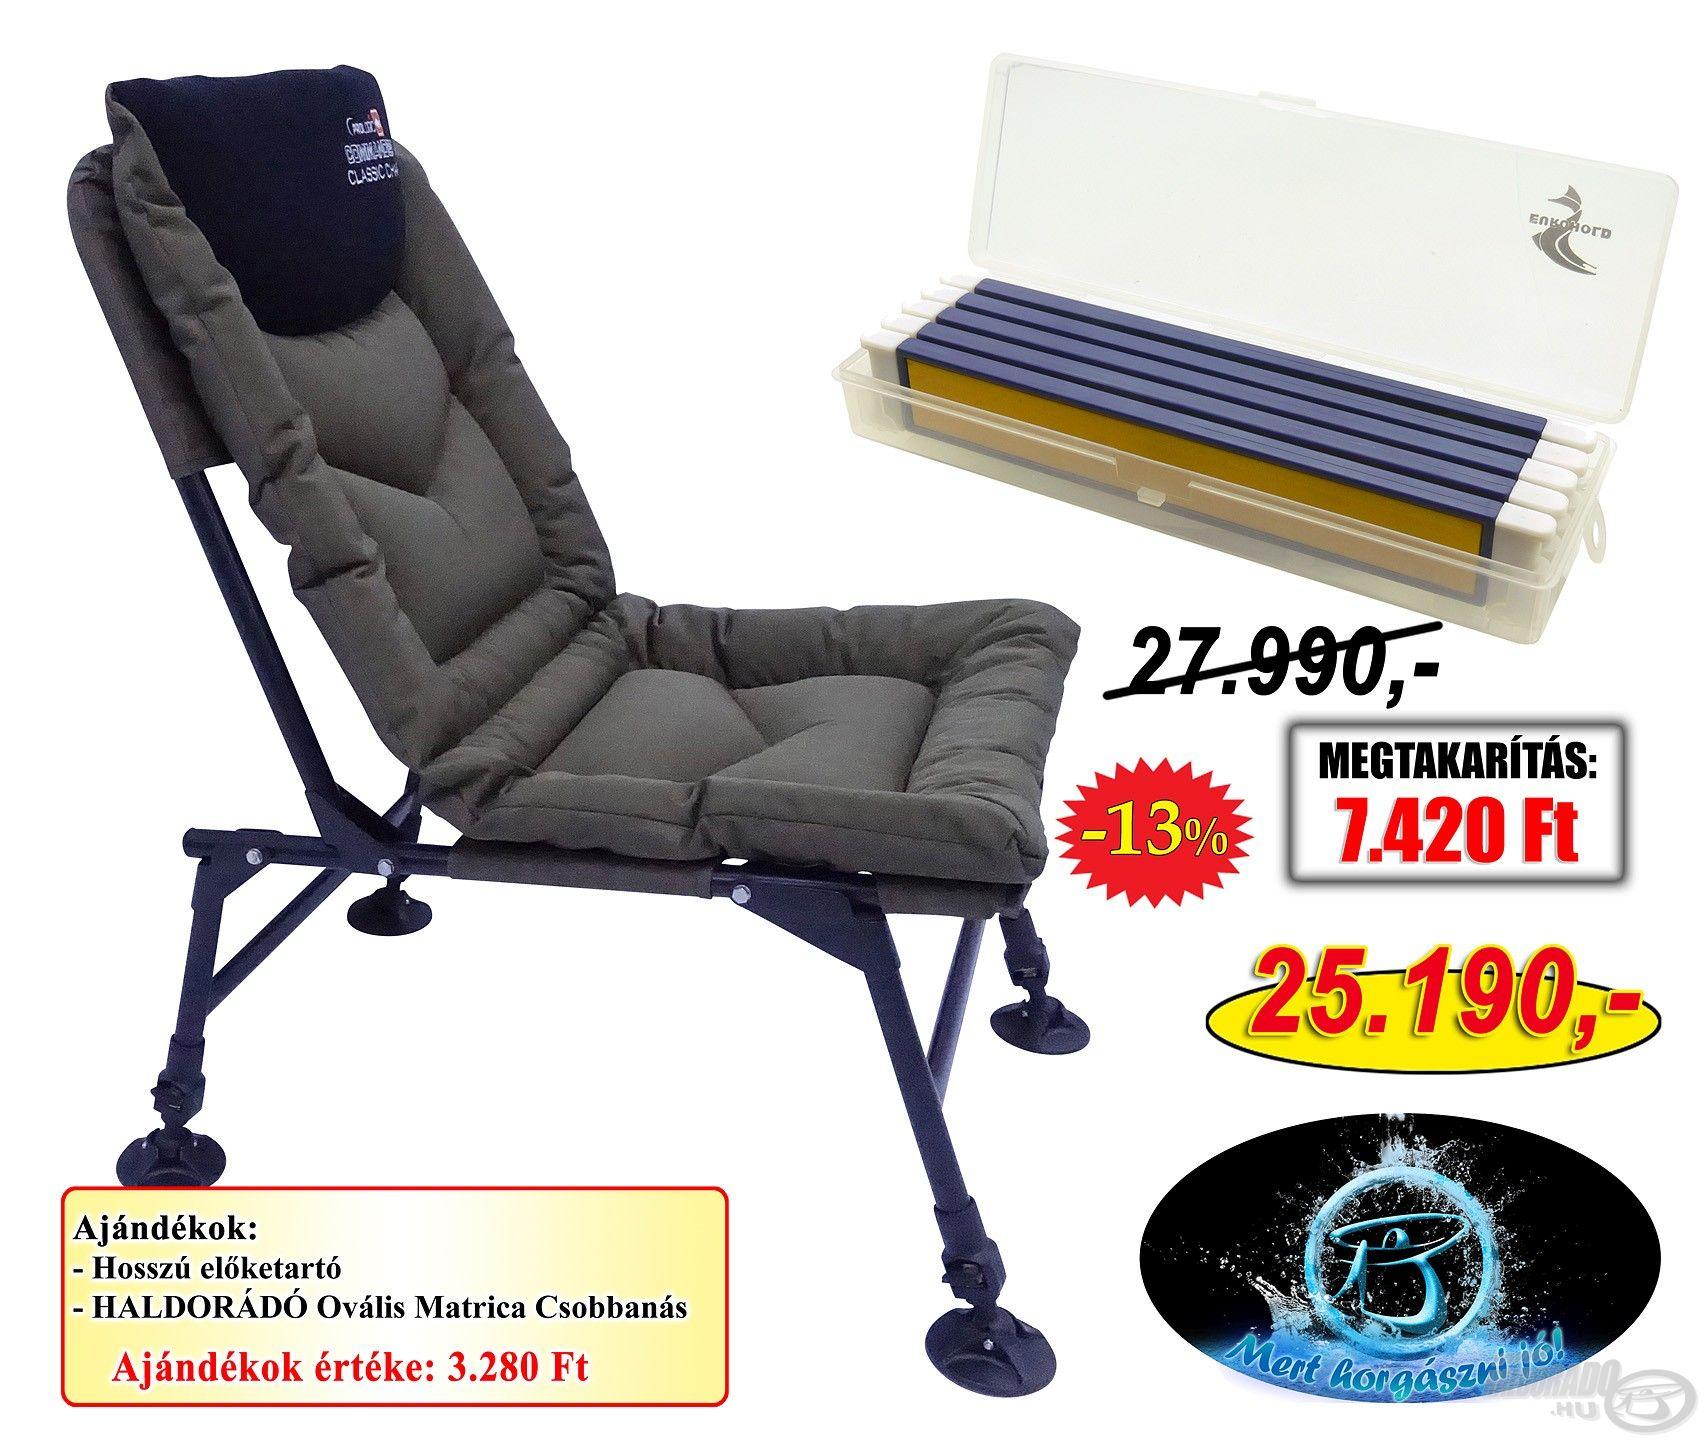 A Prologic fotel kényelmes ülőhelyet biztosít minden helyzetben